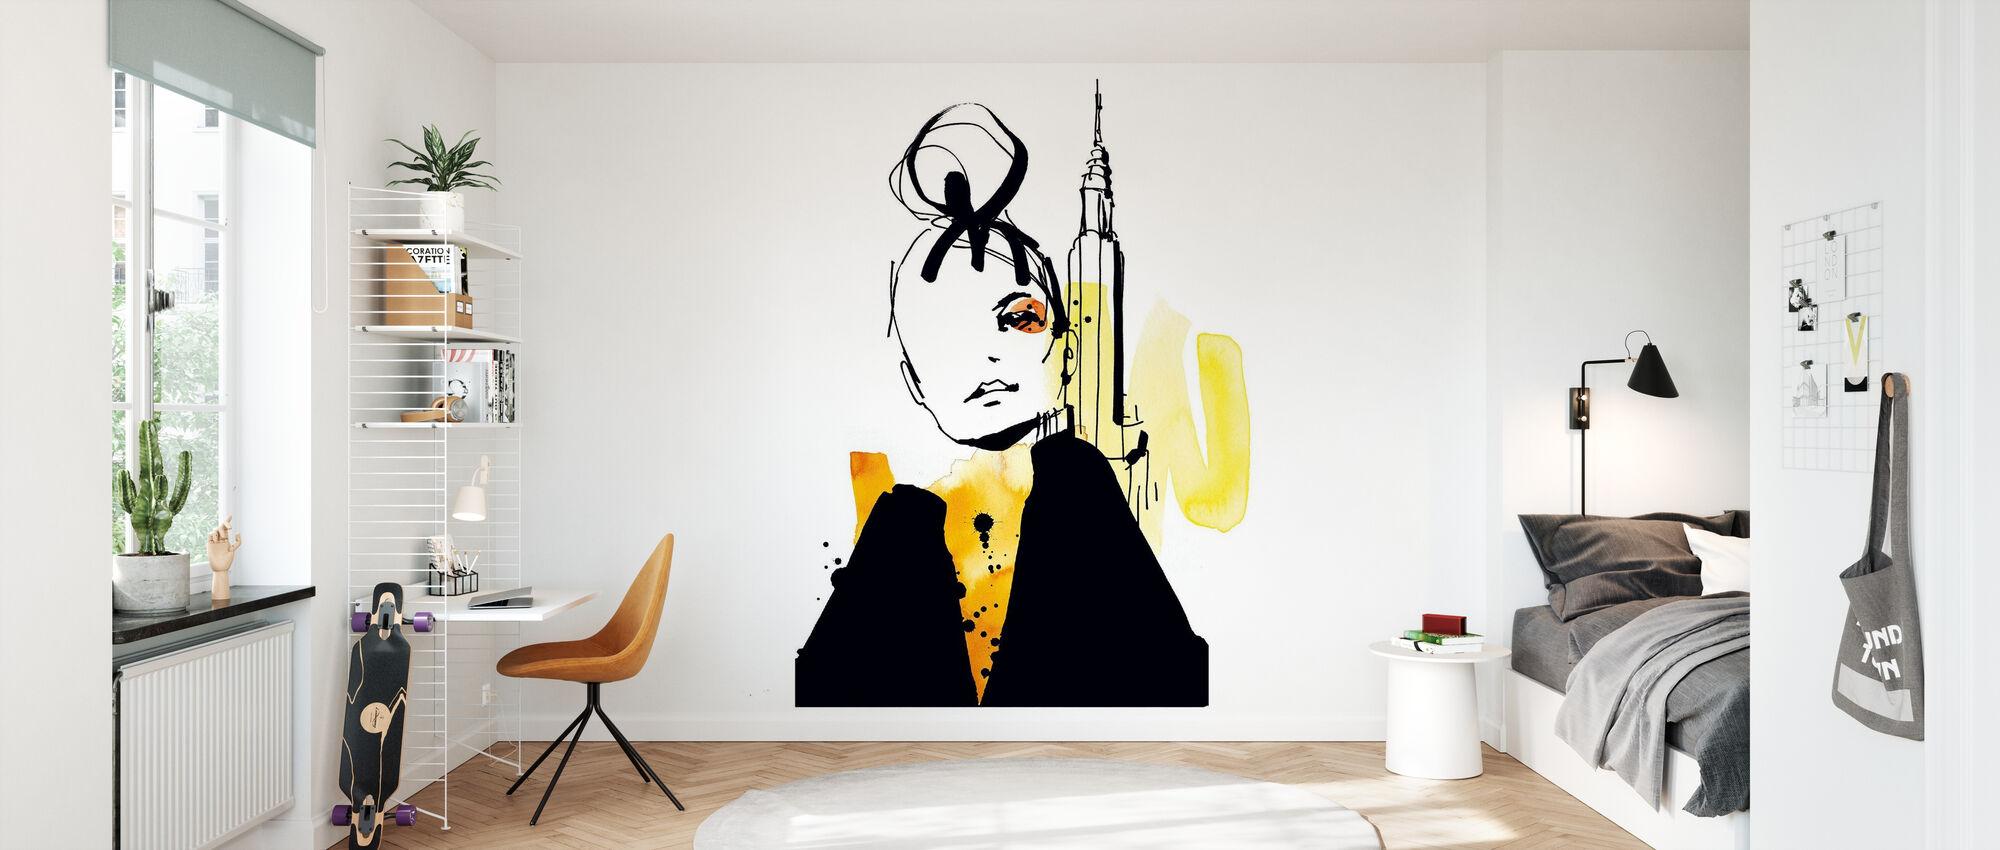 New York - Wallpaper - Kids Room